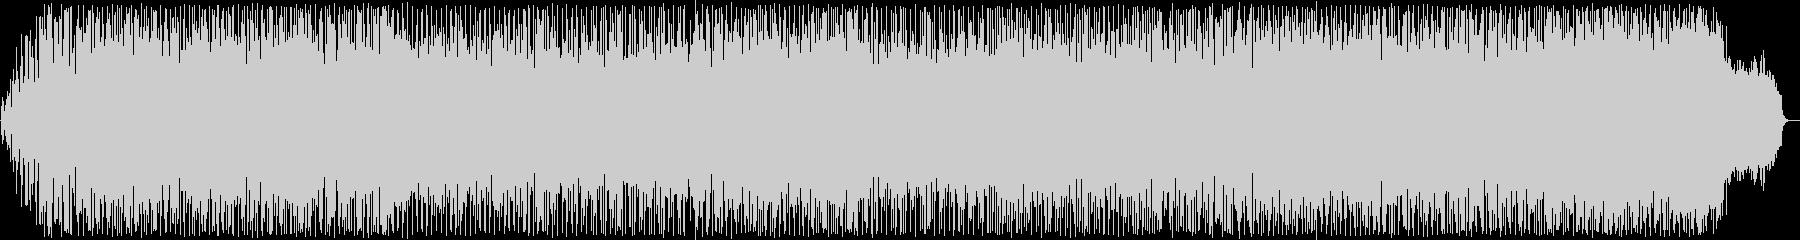 スピード感のあるポップス曲の未再生の波形